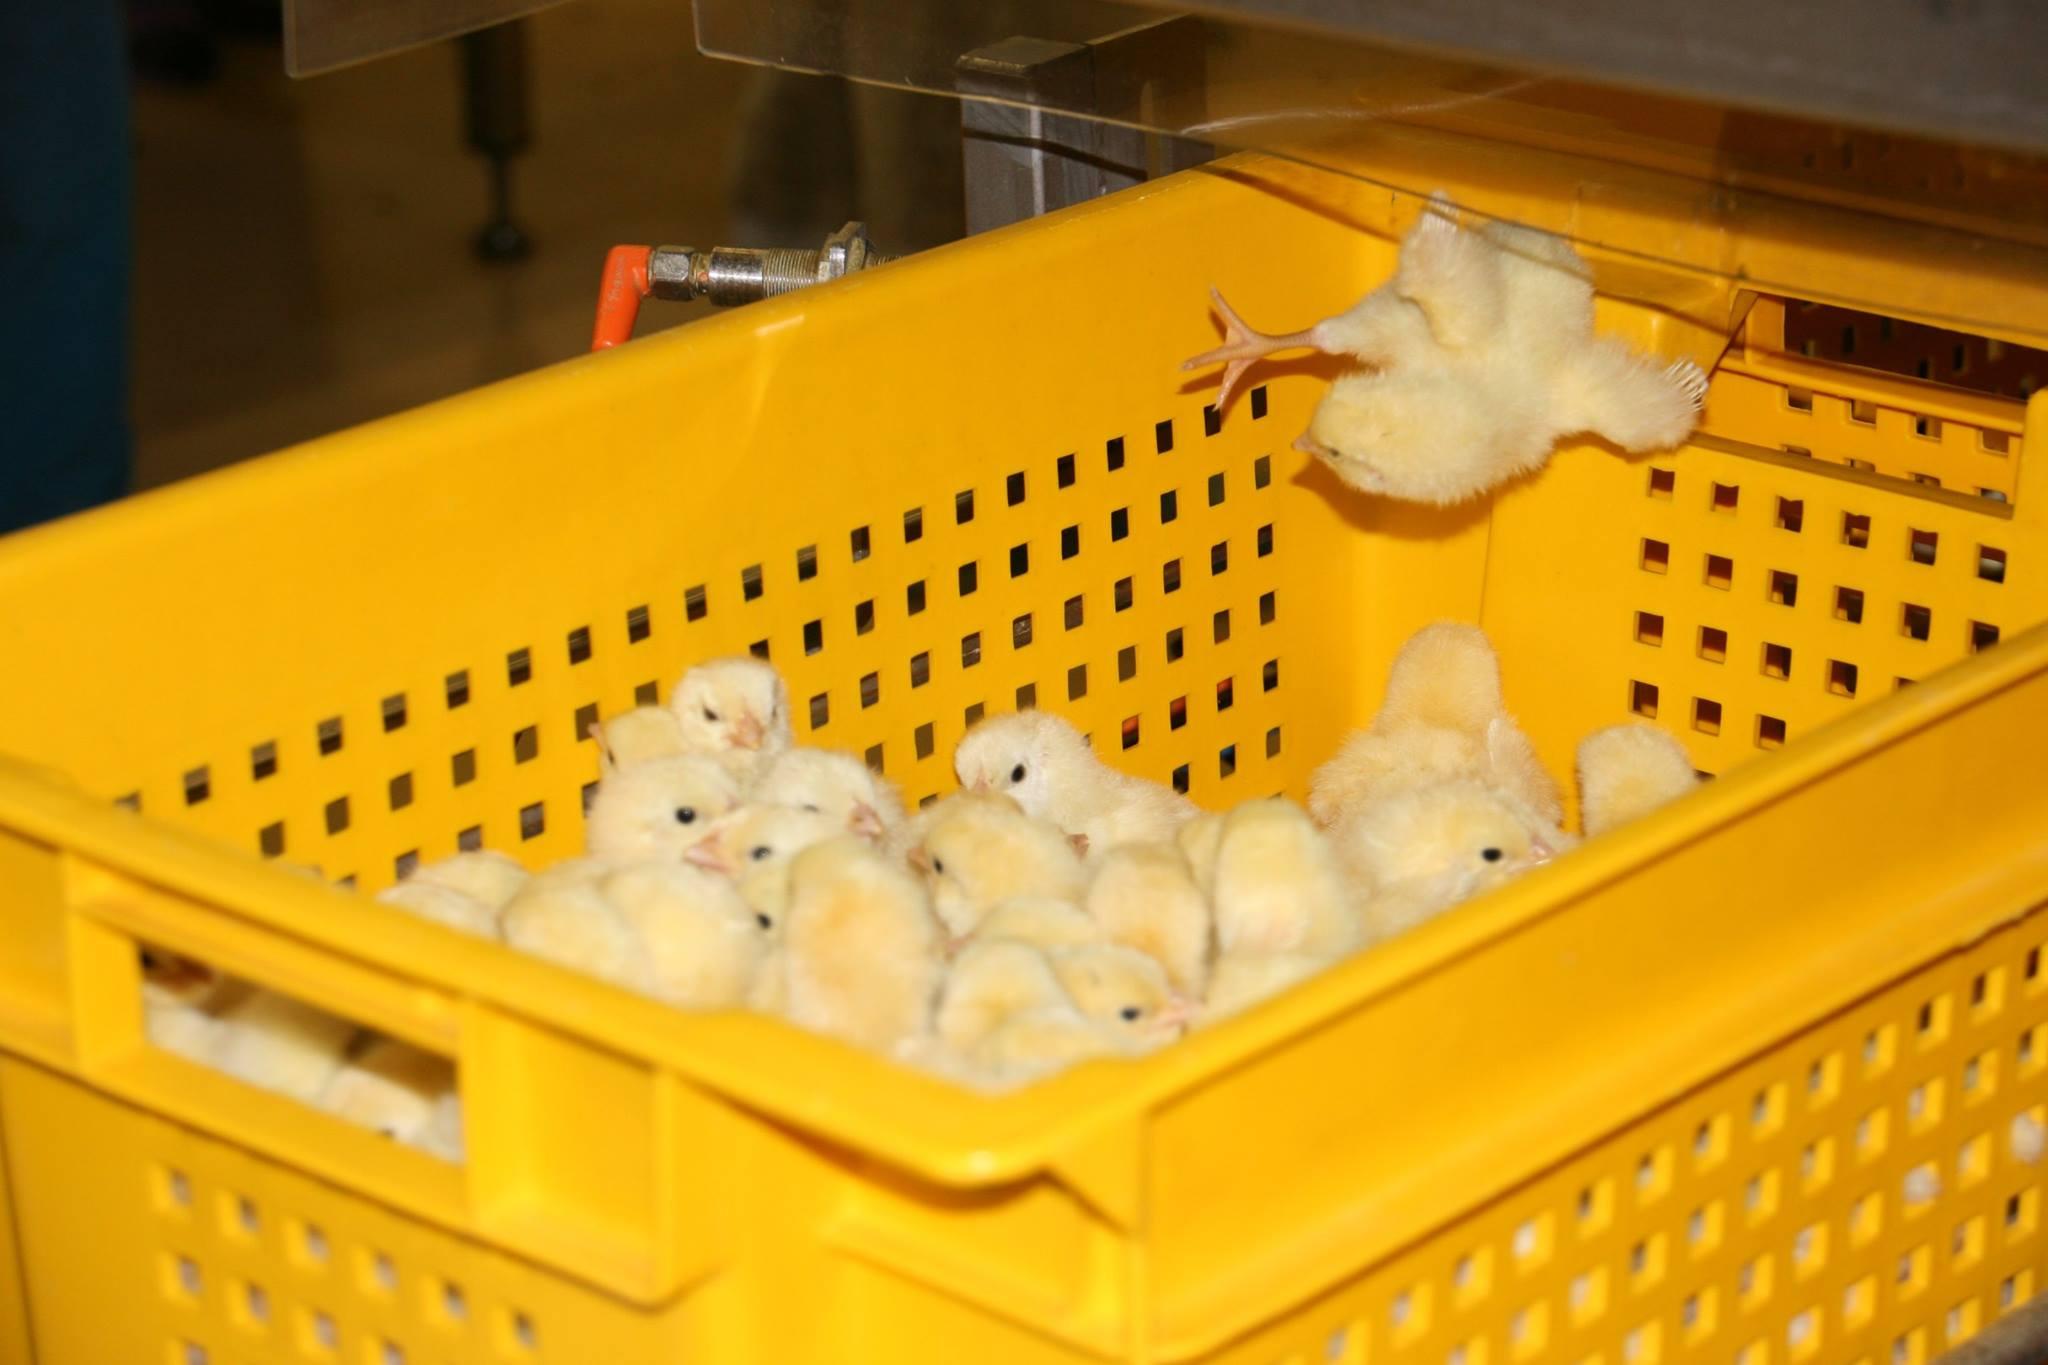 бизнес-план образец для глубокой переработки мяса птицы выпуск колбасы